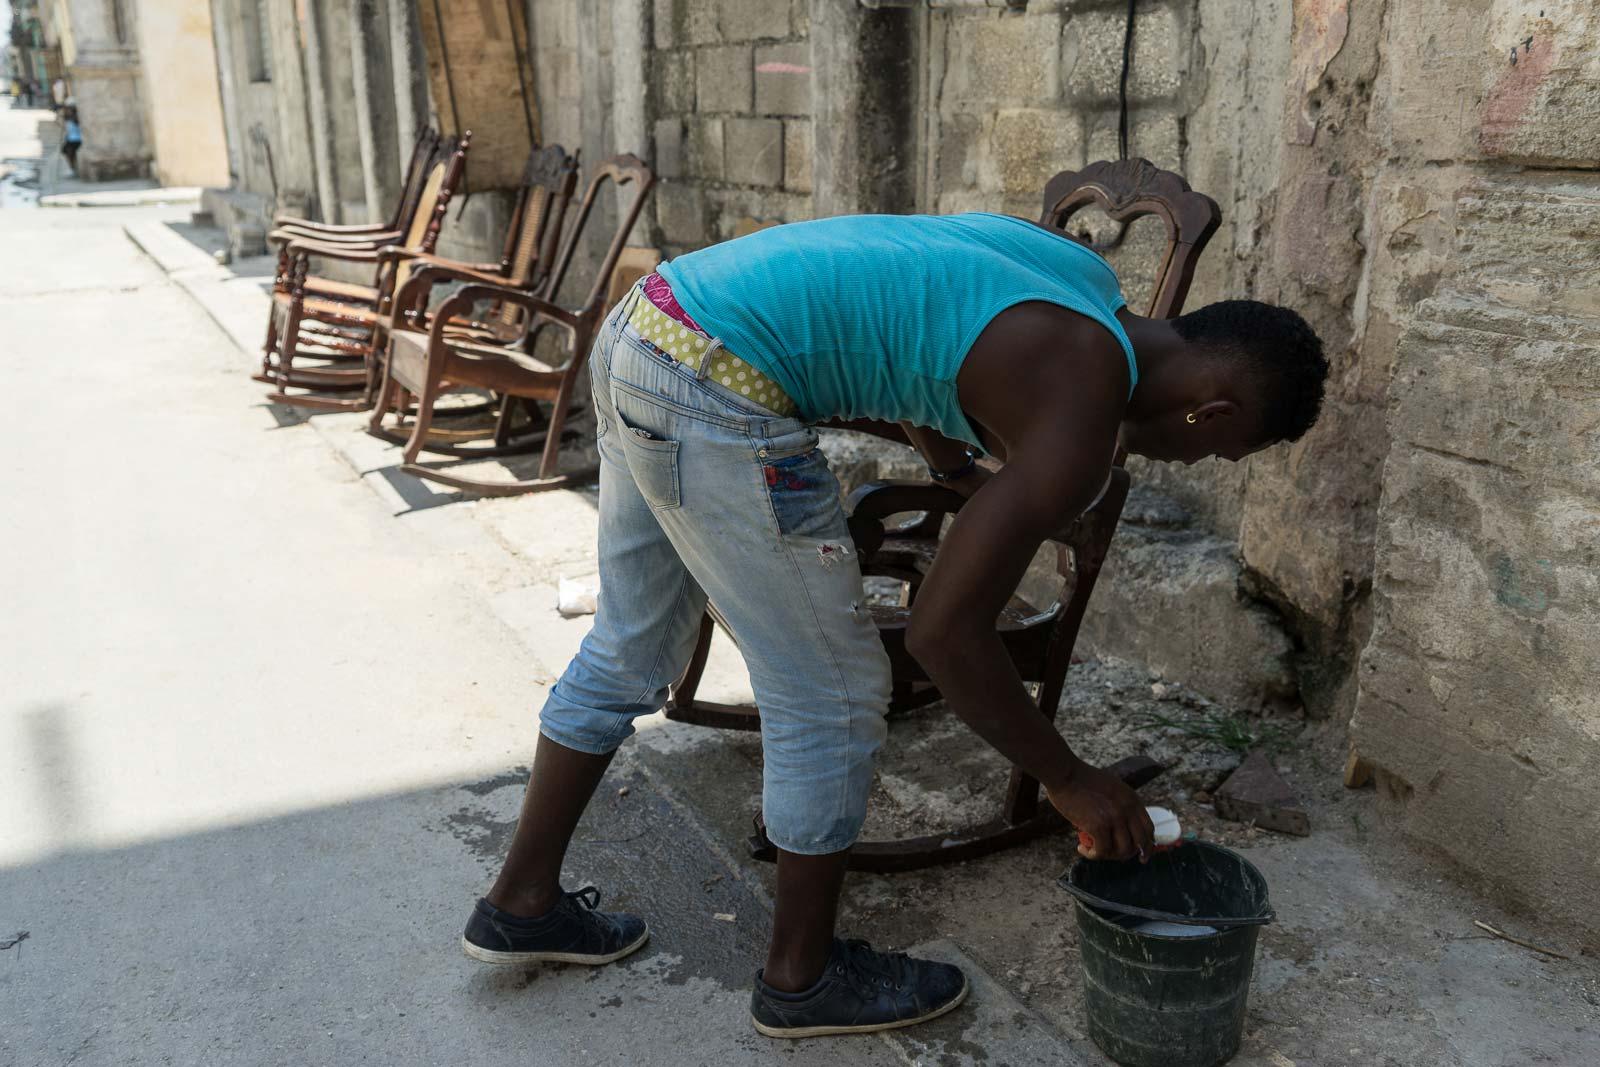 Ci-dessus, un jeune homme nettoie des chaises à vendre sans se préoccuper le moindrement du photographe.